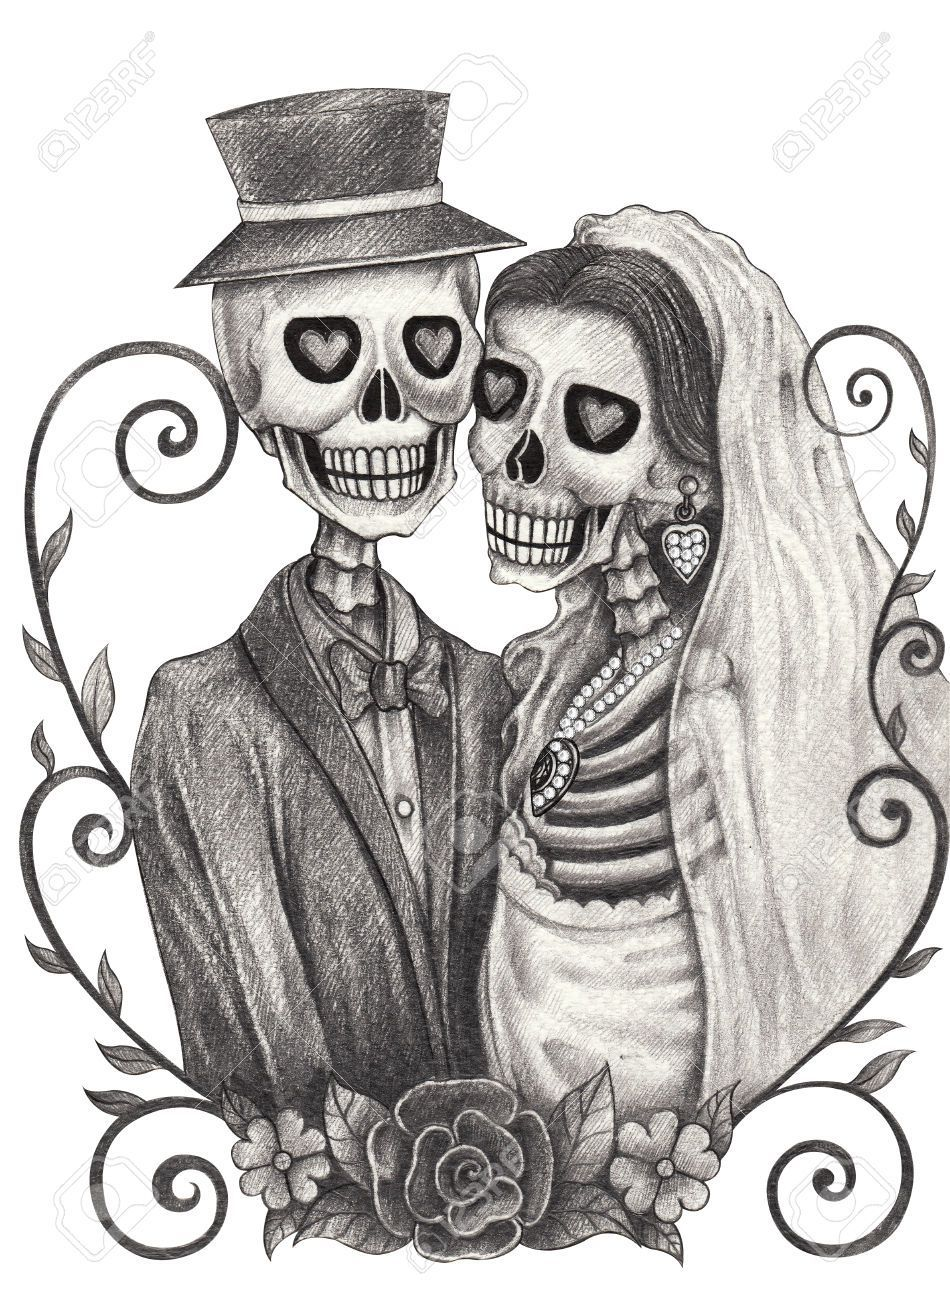 Skeleton bride and groom clipart jpg transparent stock Skeleton bride and groom clipart 8 » Clipart Portal jpg transparent stock